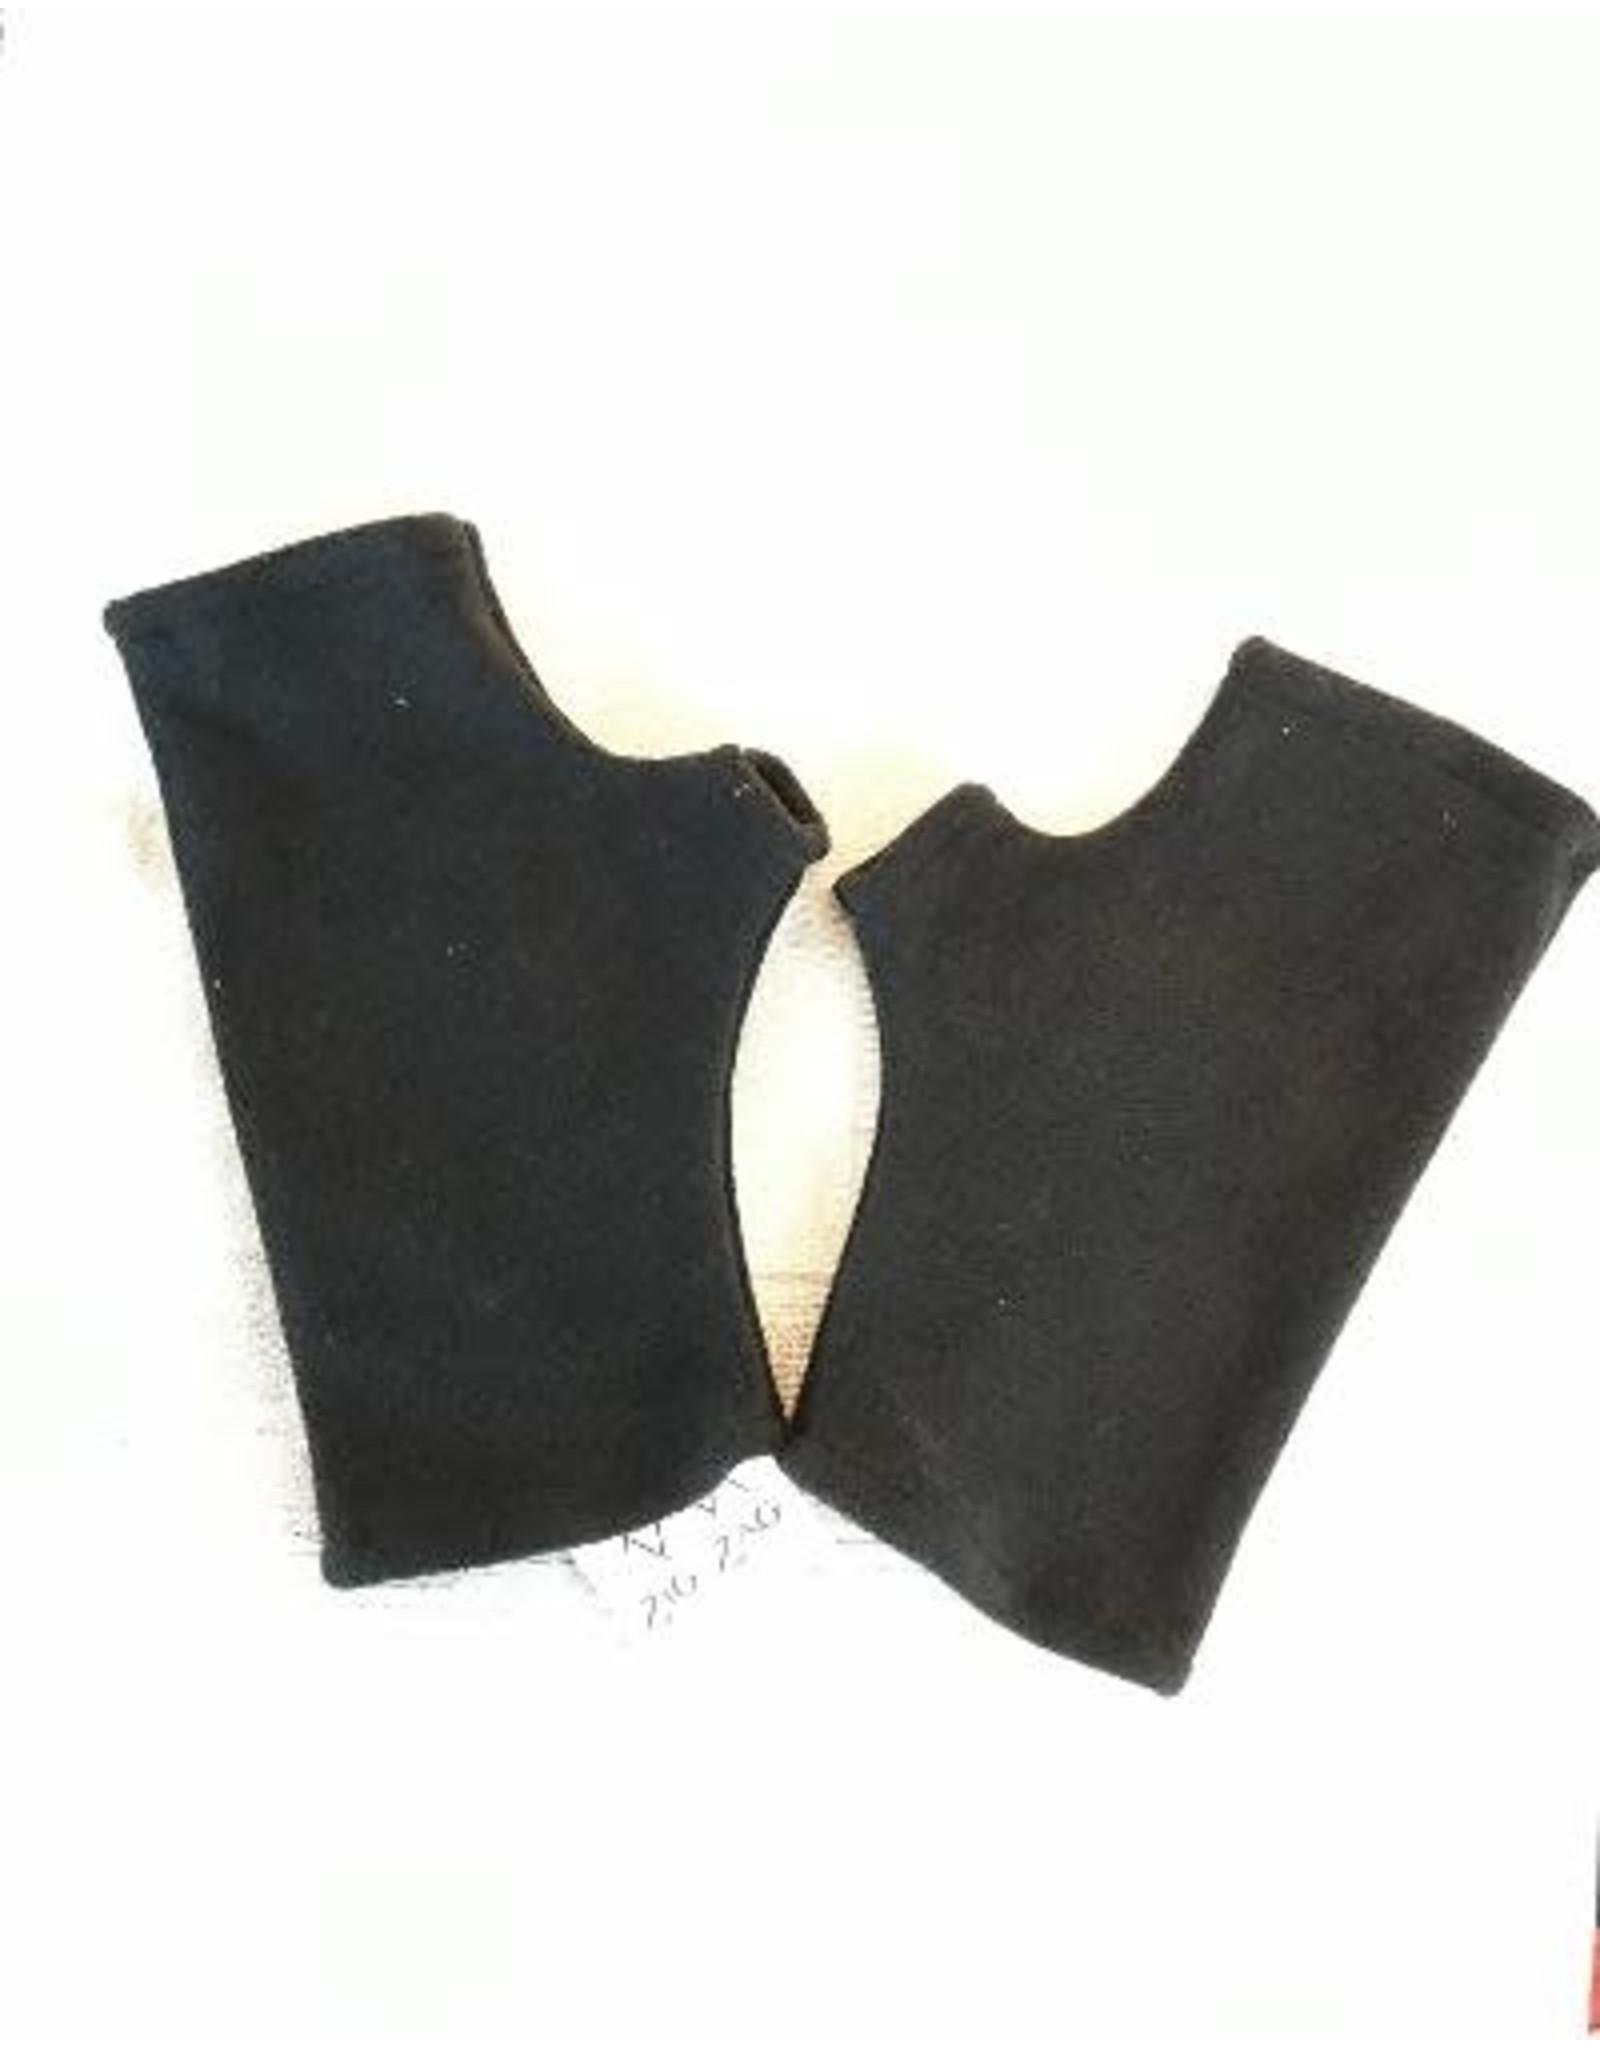 Fleece Fingerless Gloves, Black, Nepal